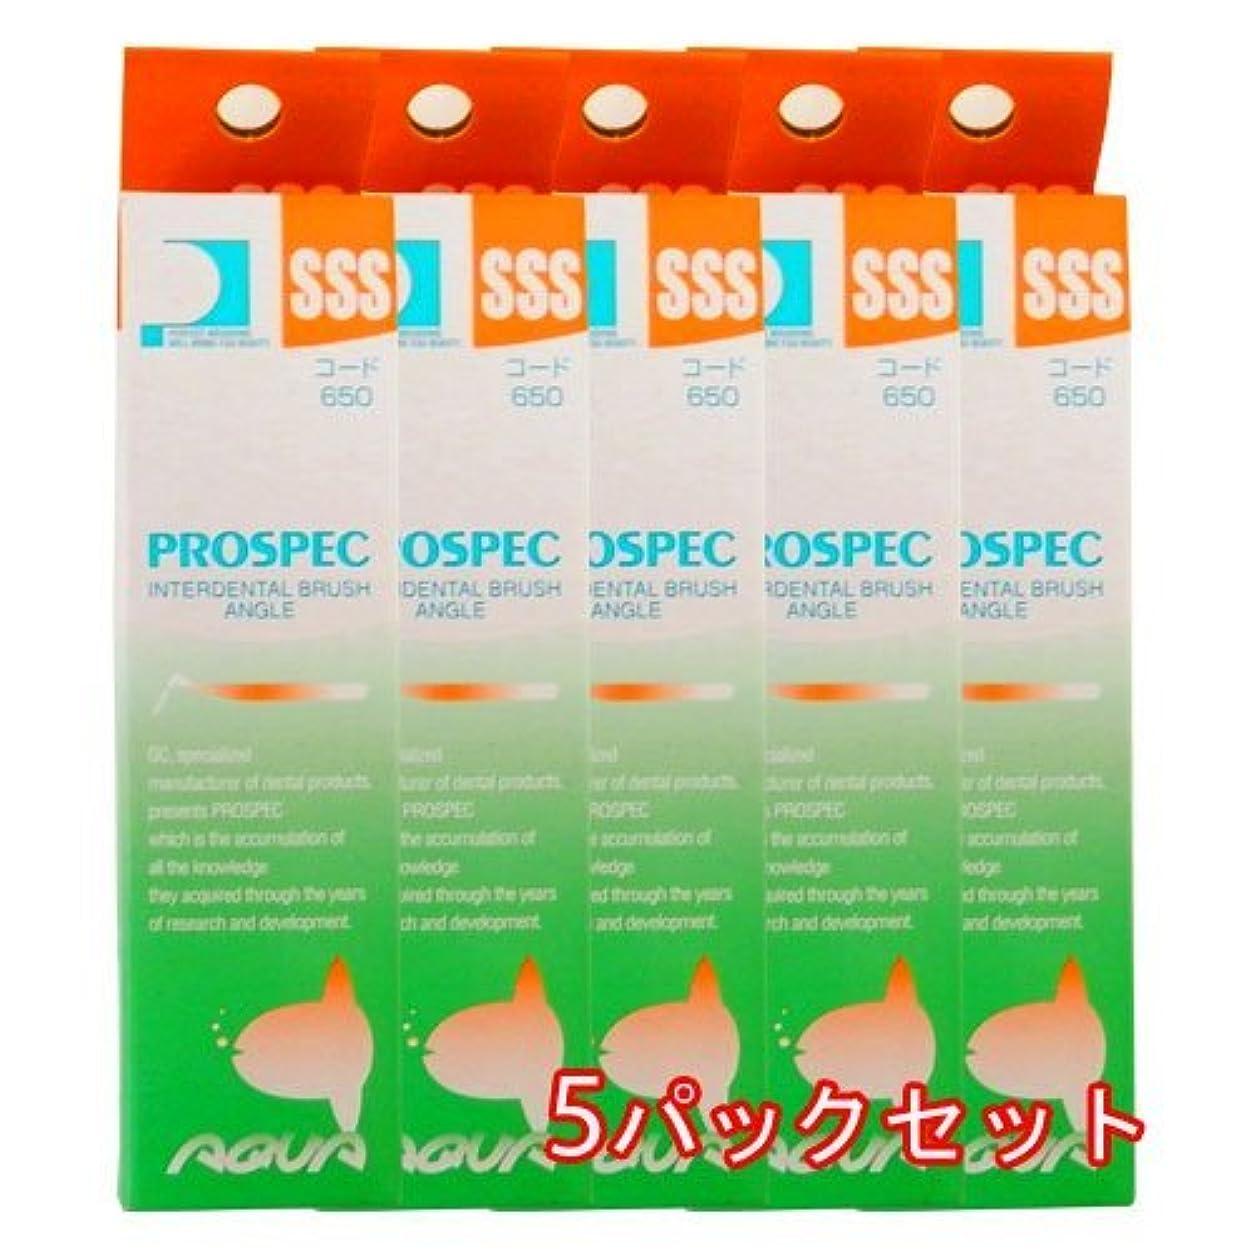 ユーザー取り扱いいたずらプロスペック 歯間ブラシ アングルアクア 4本入 × 5パック SSS アクアオレンジ